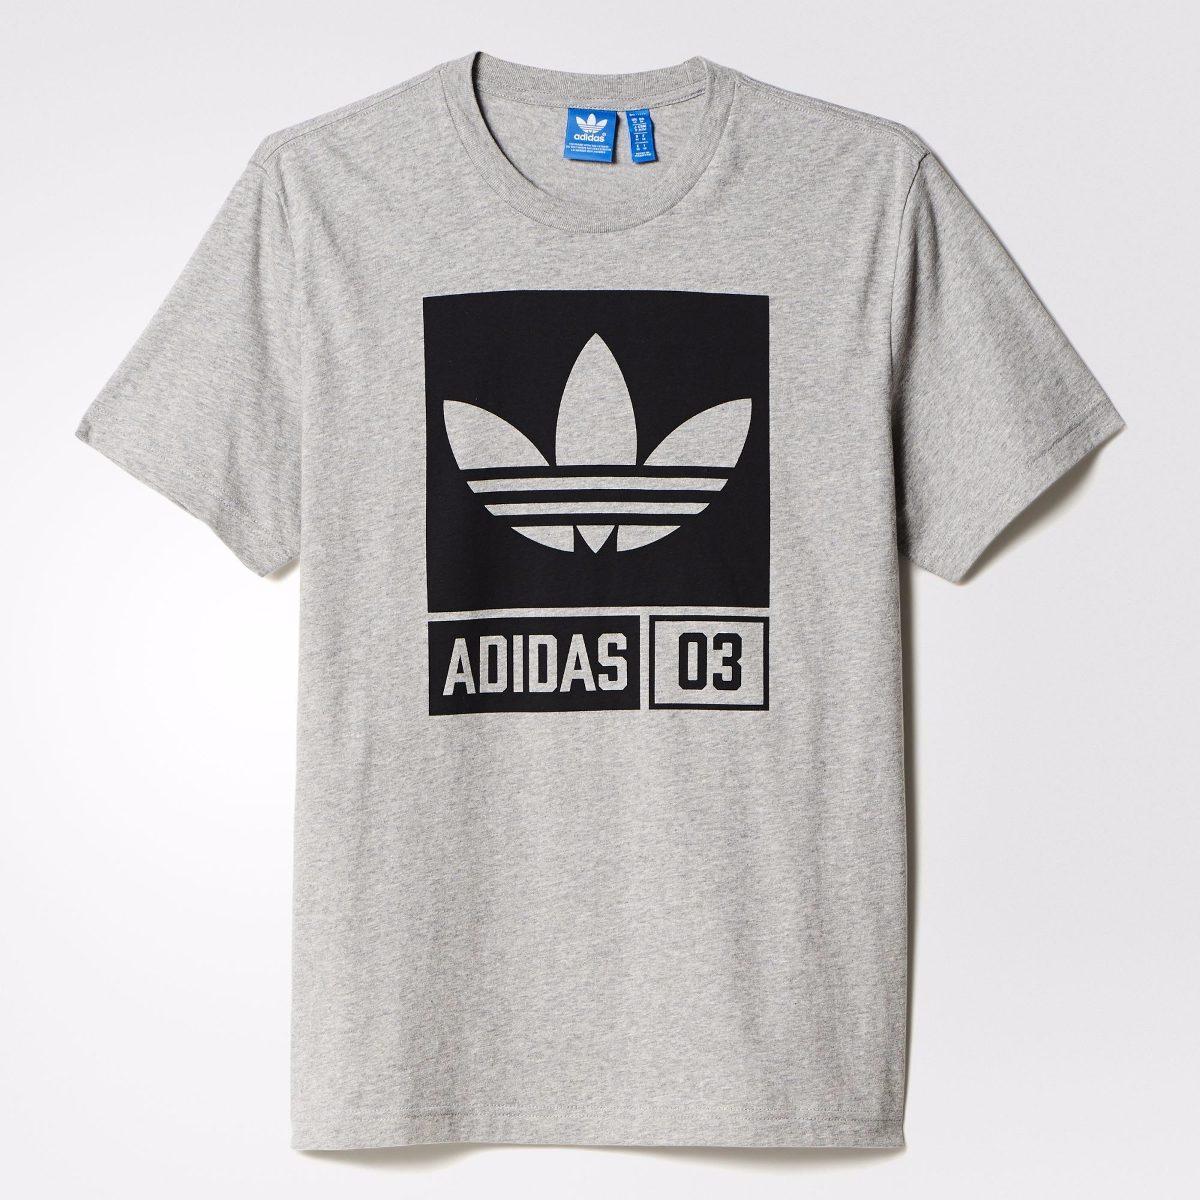 fcf8140ded9 Camiseta adidas Originals Str Grp - Masculina - R  99